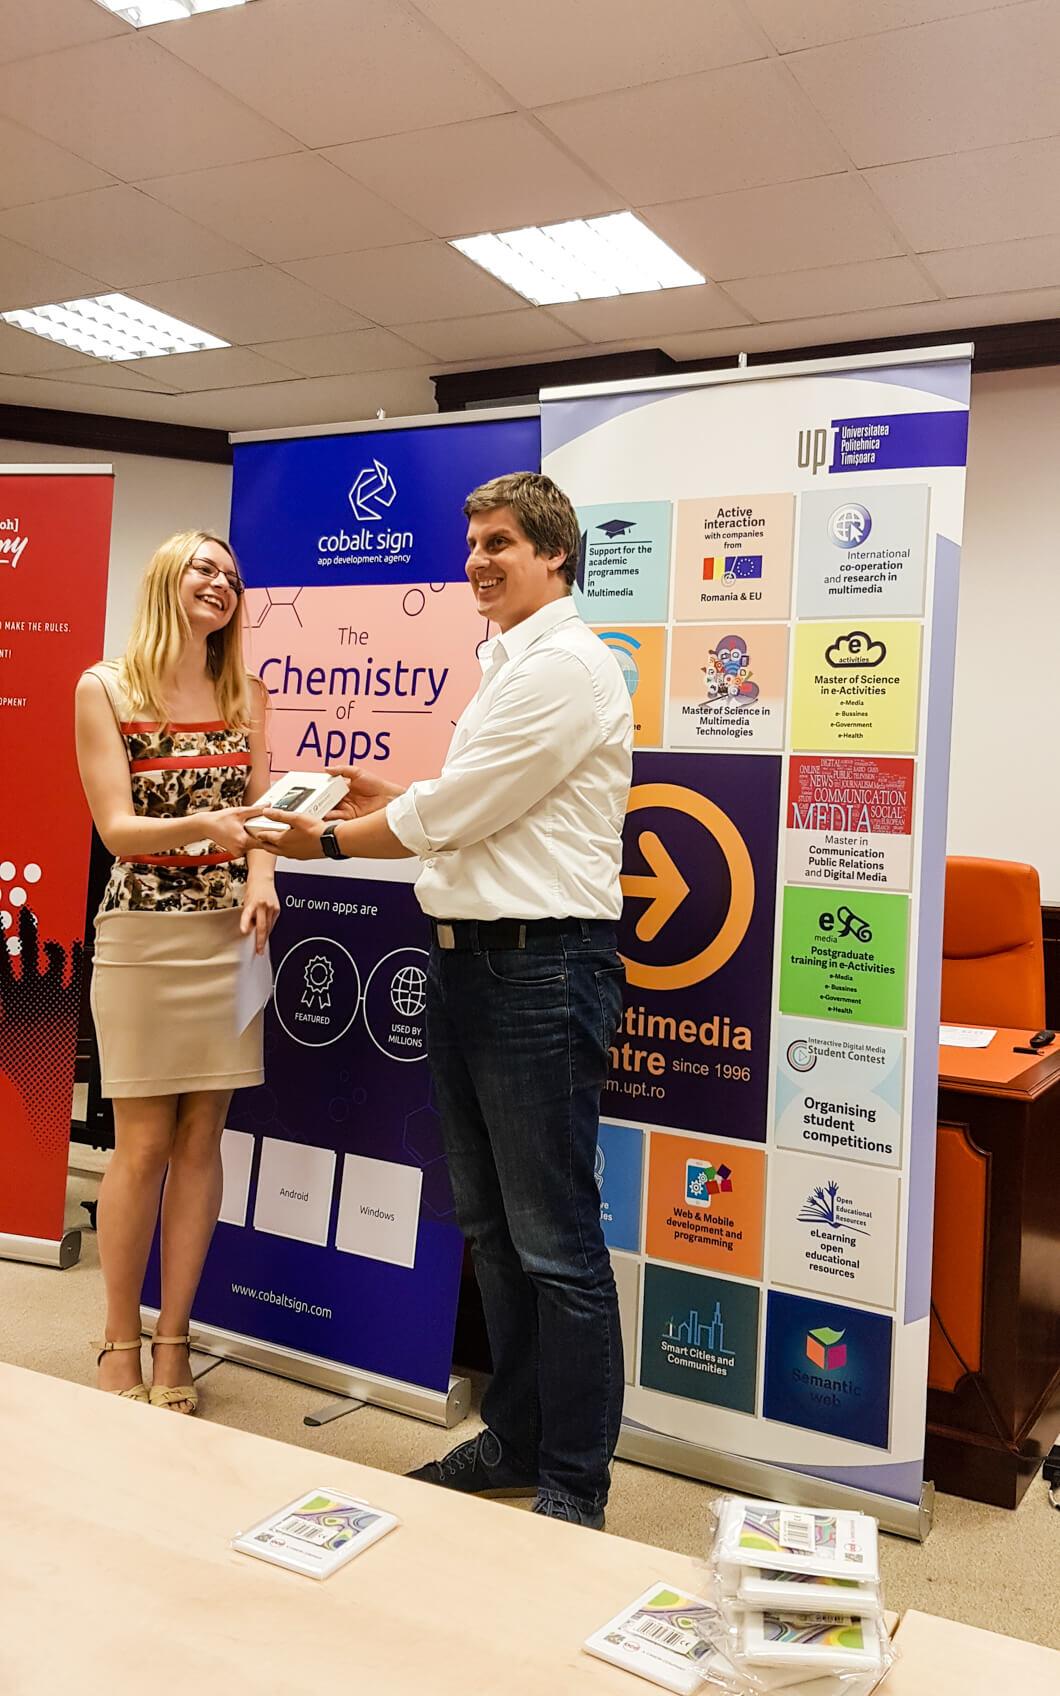 Cobalt Sign partner at the digital media contest-7